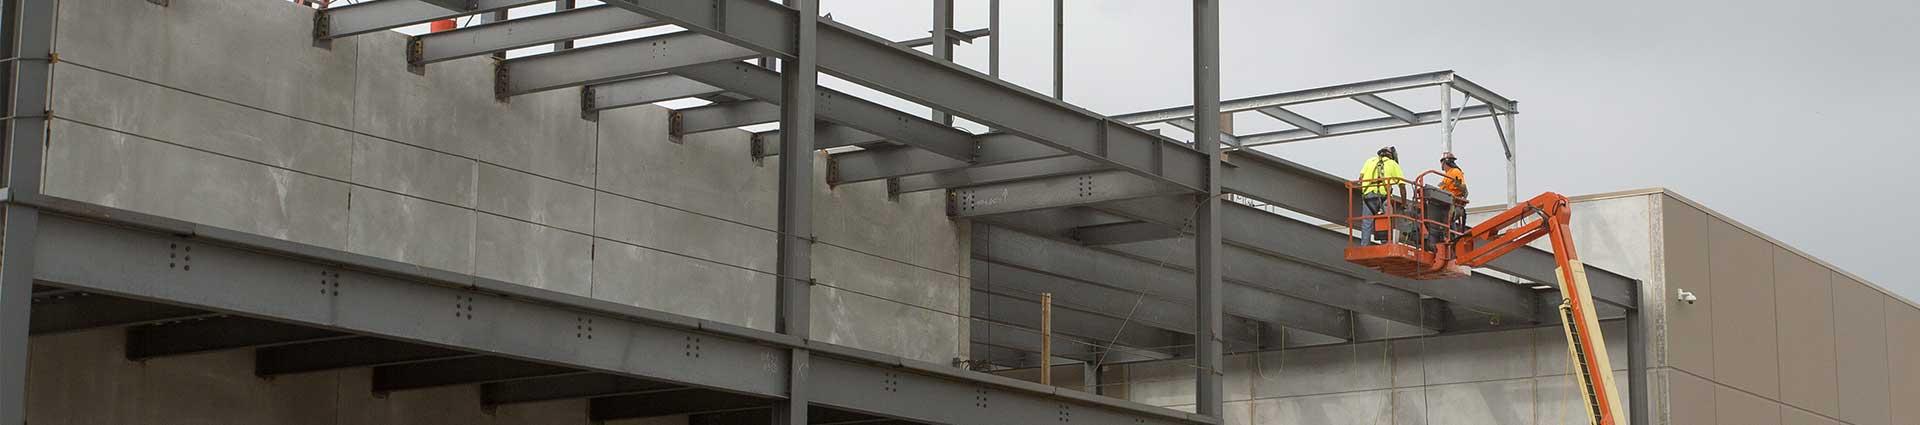 facility construction management, construction building management